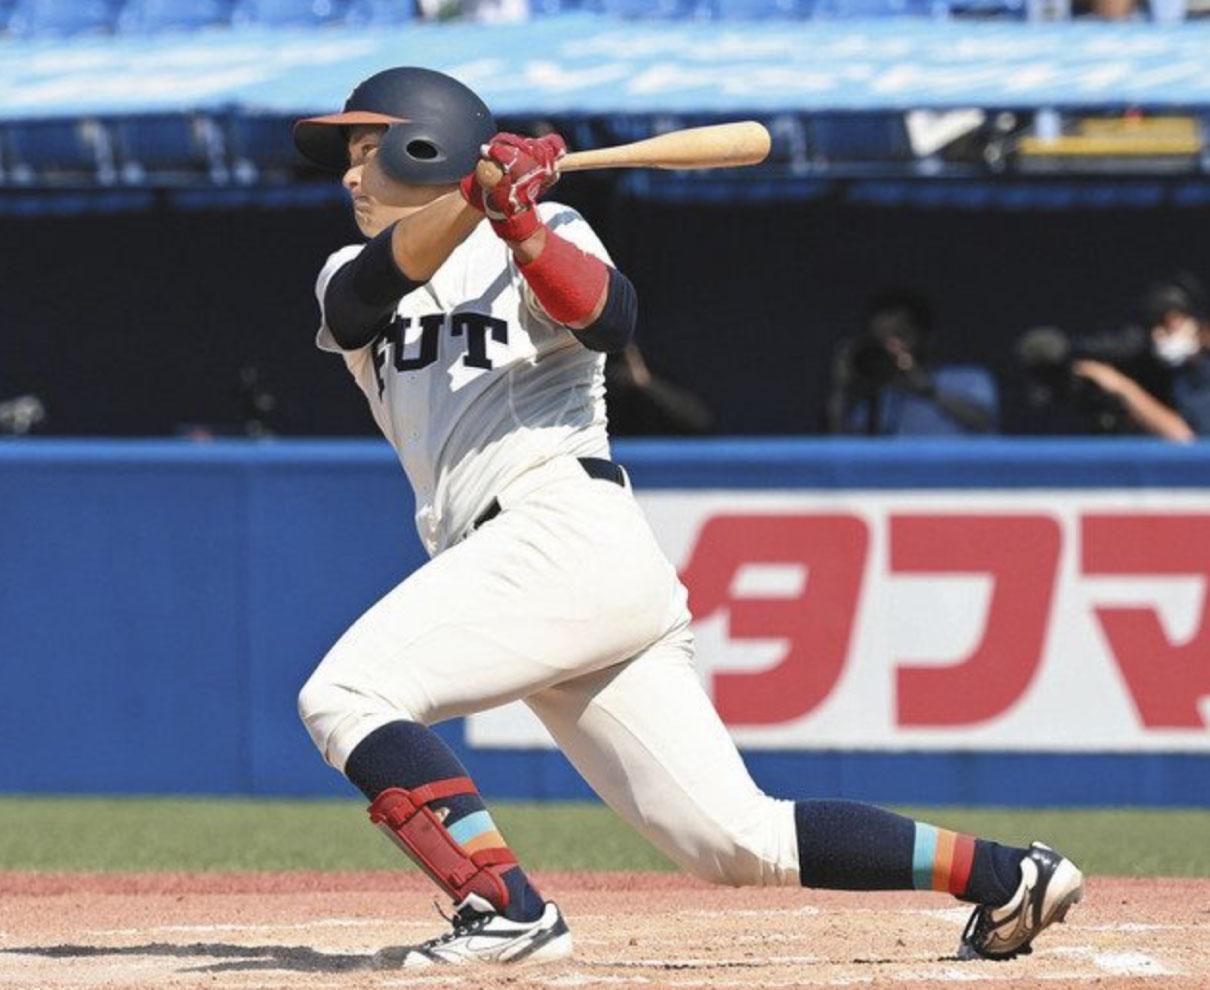 福井工大 27年ぶり4強 全日本大学野球 打線爆発17得点